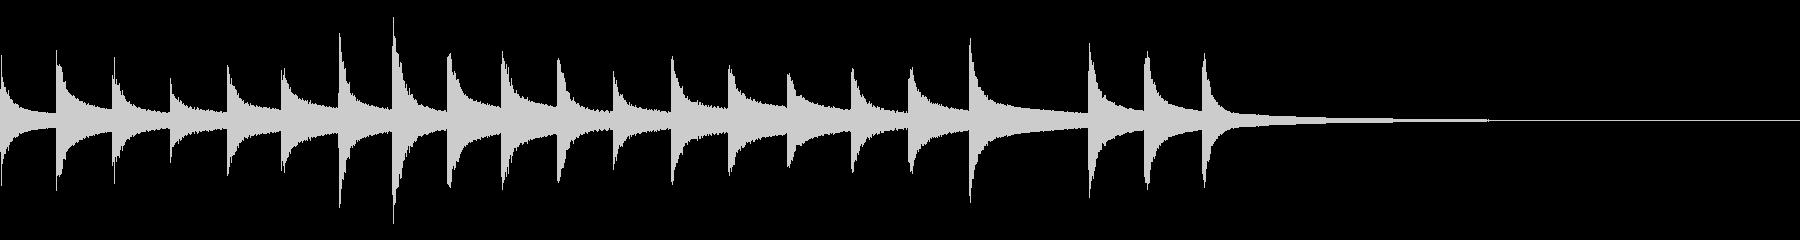 オーケストラベル:冬のベル、長いの未再生の波形